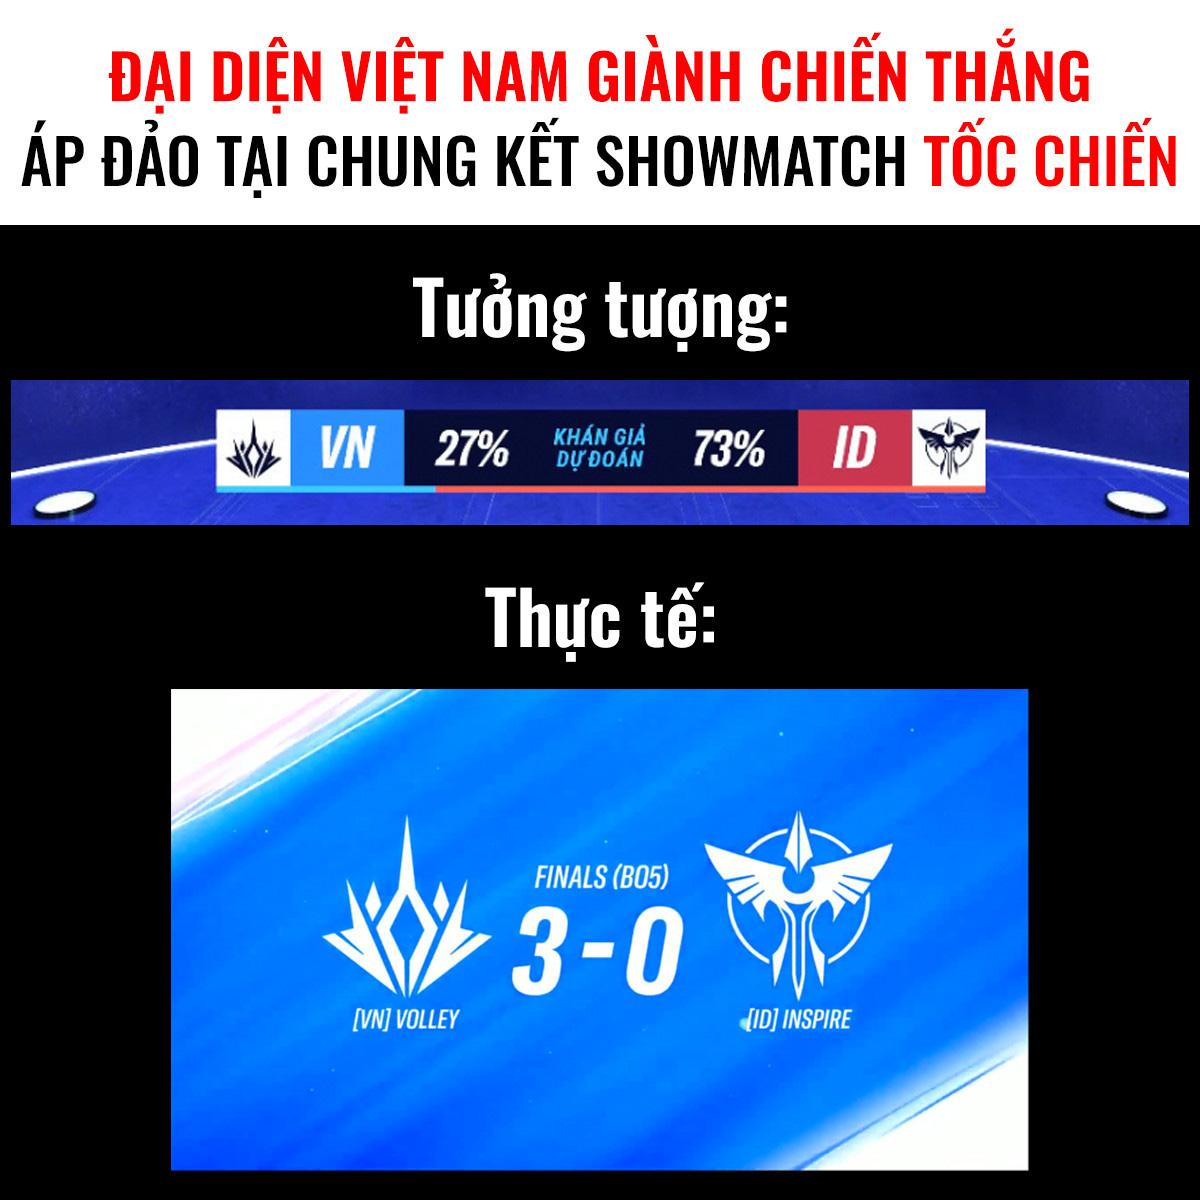 Ra mắt Tốc Chiến sau cùng tại thị trường Đông Nam Á nhưng team Việt Nam vẫn đè bẹp các đối thủ đình đám tại showmatch Tốc Chiến Pentaboom! - Ảnh 4.